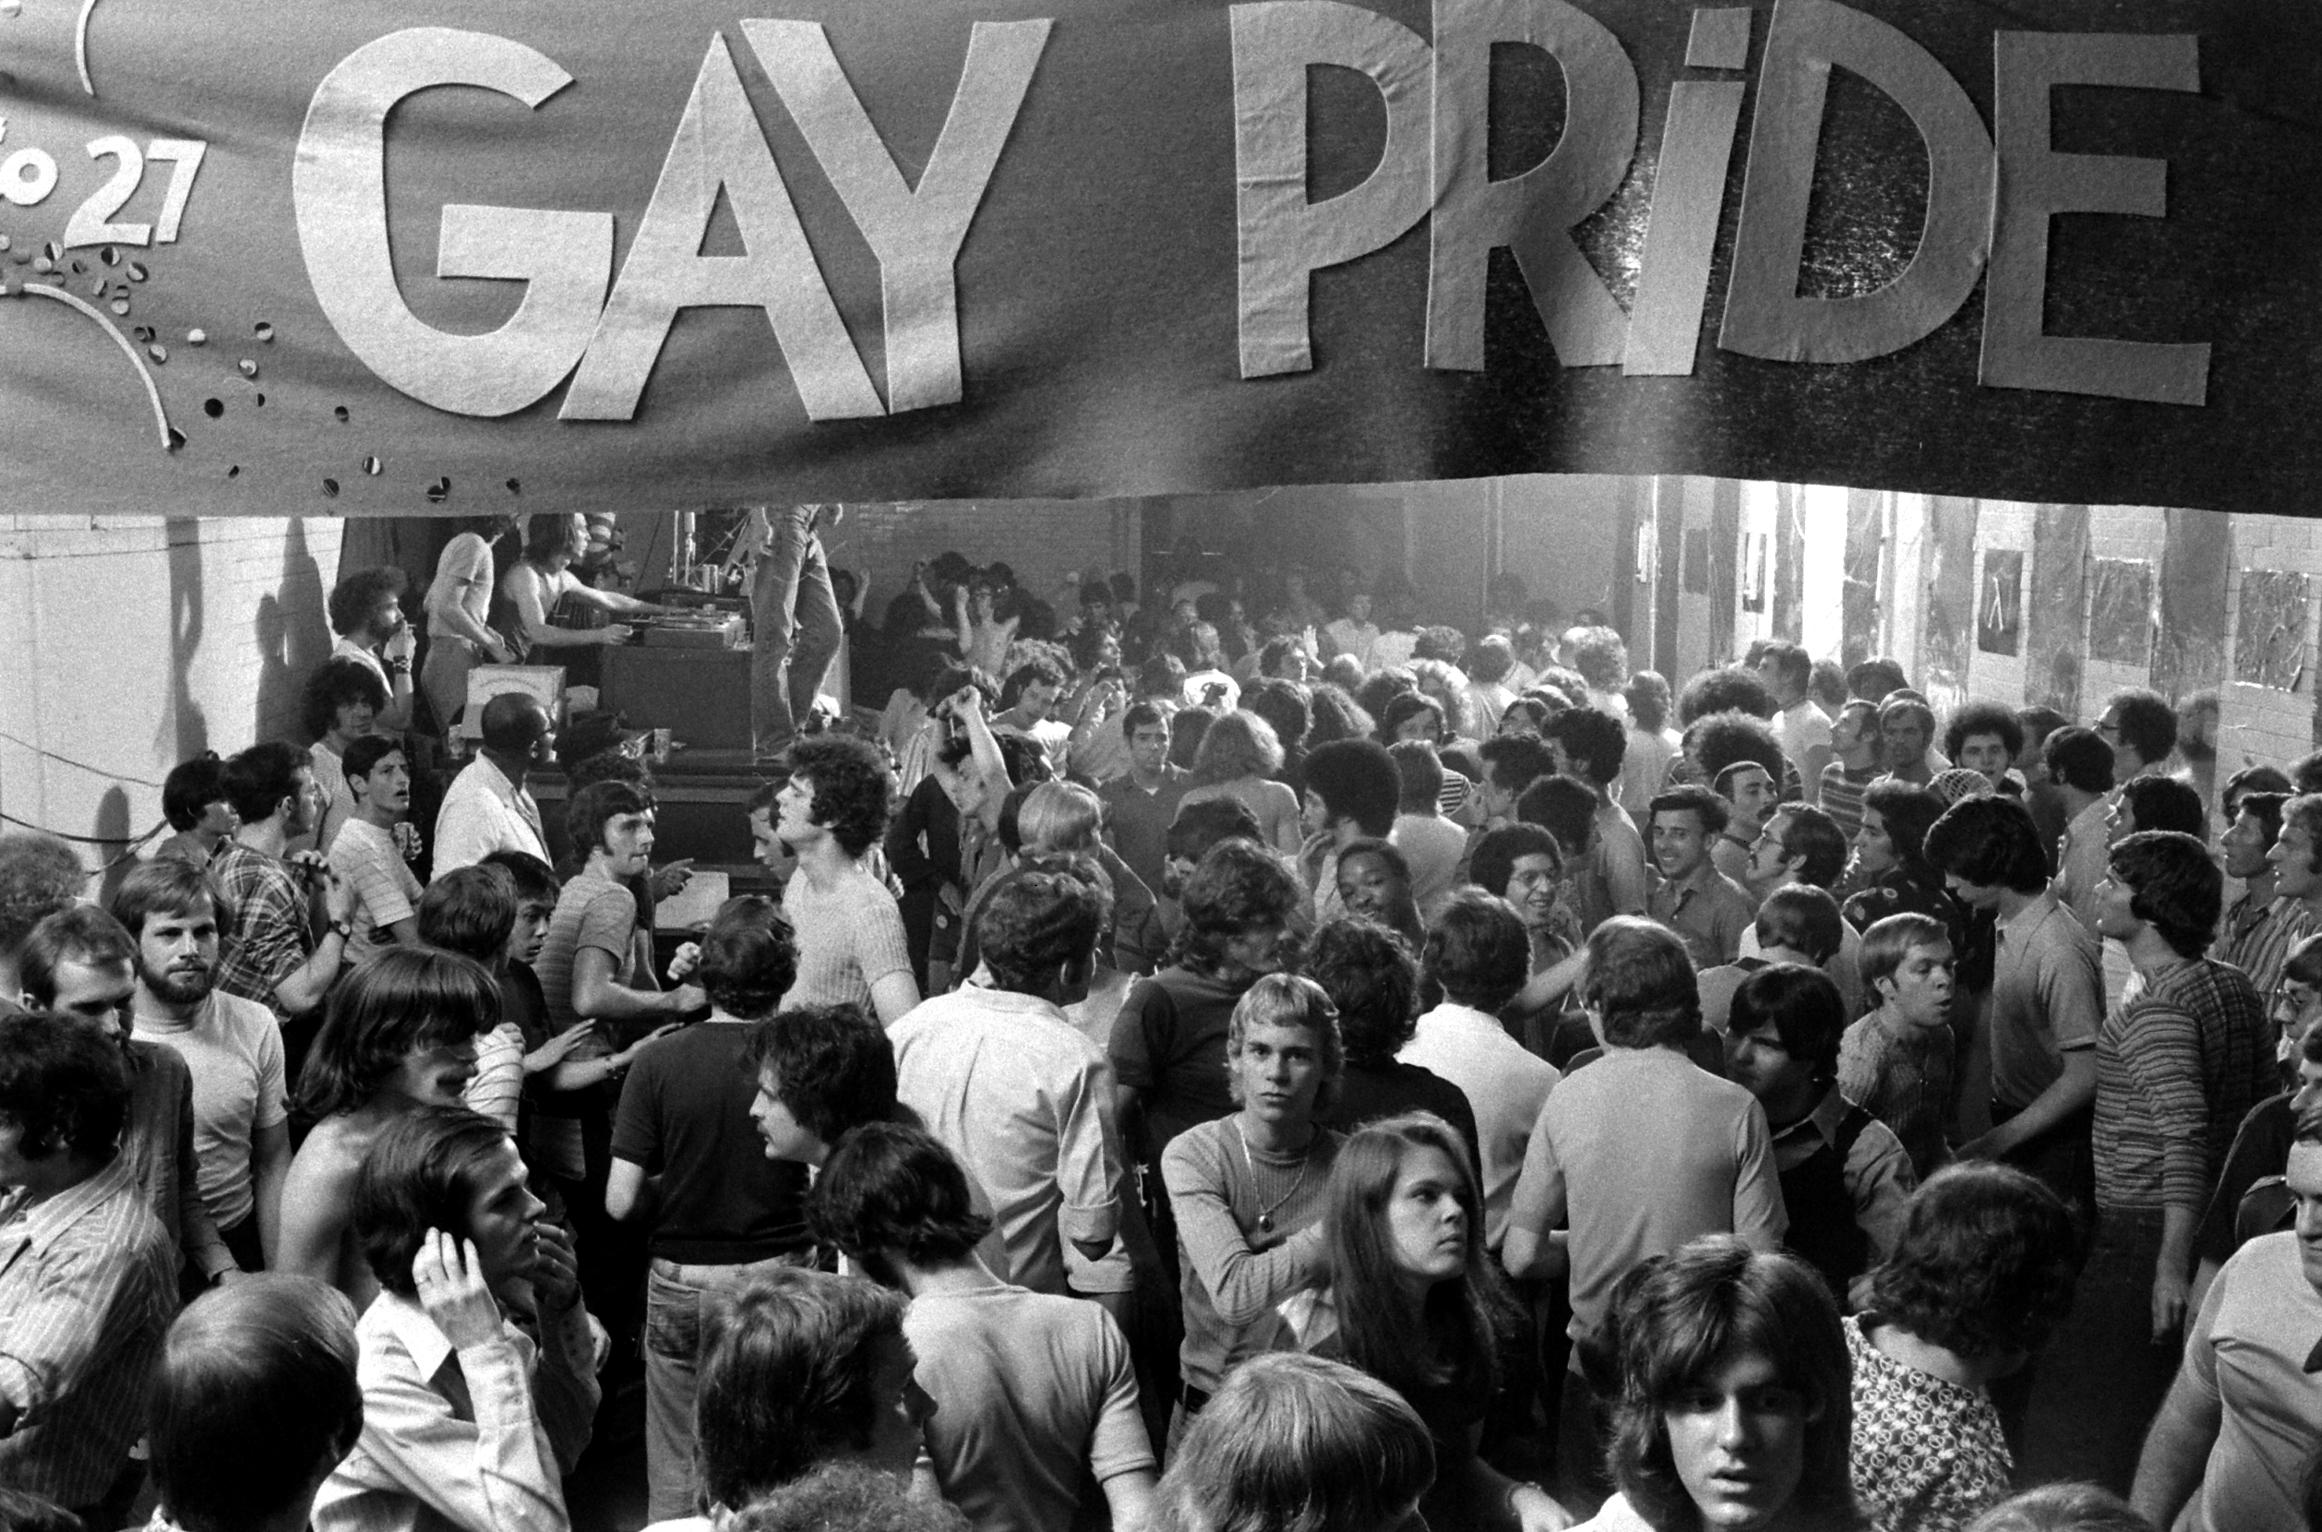 Gay Pride, 1971.